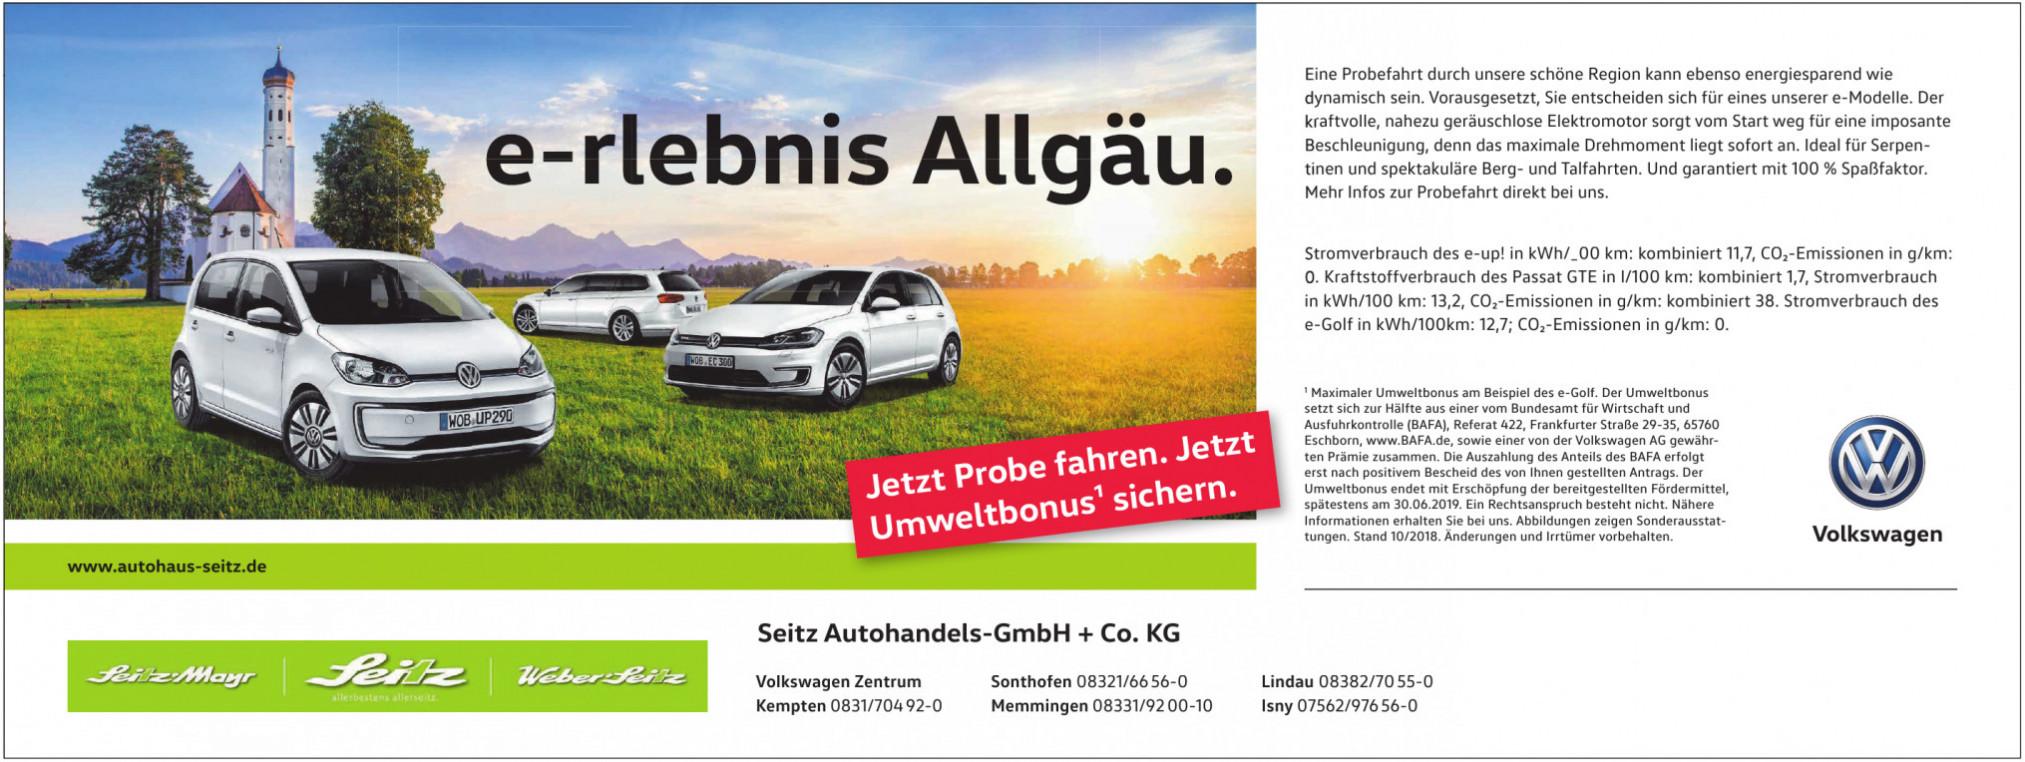 Seitz Autohandels-GmbH + Co. KG